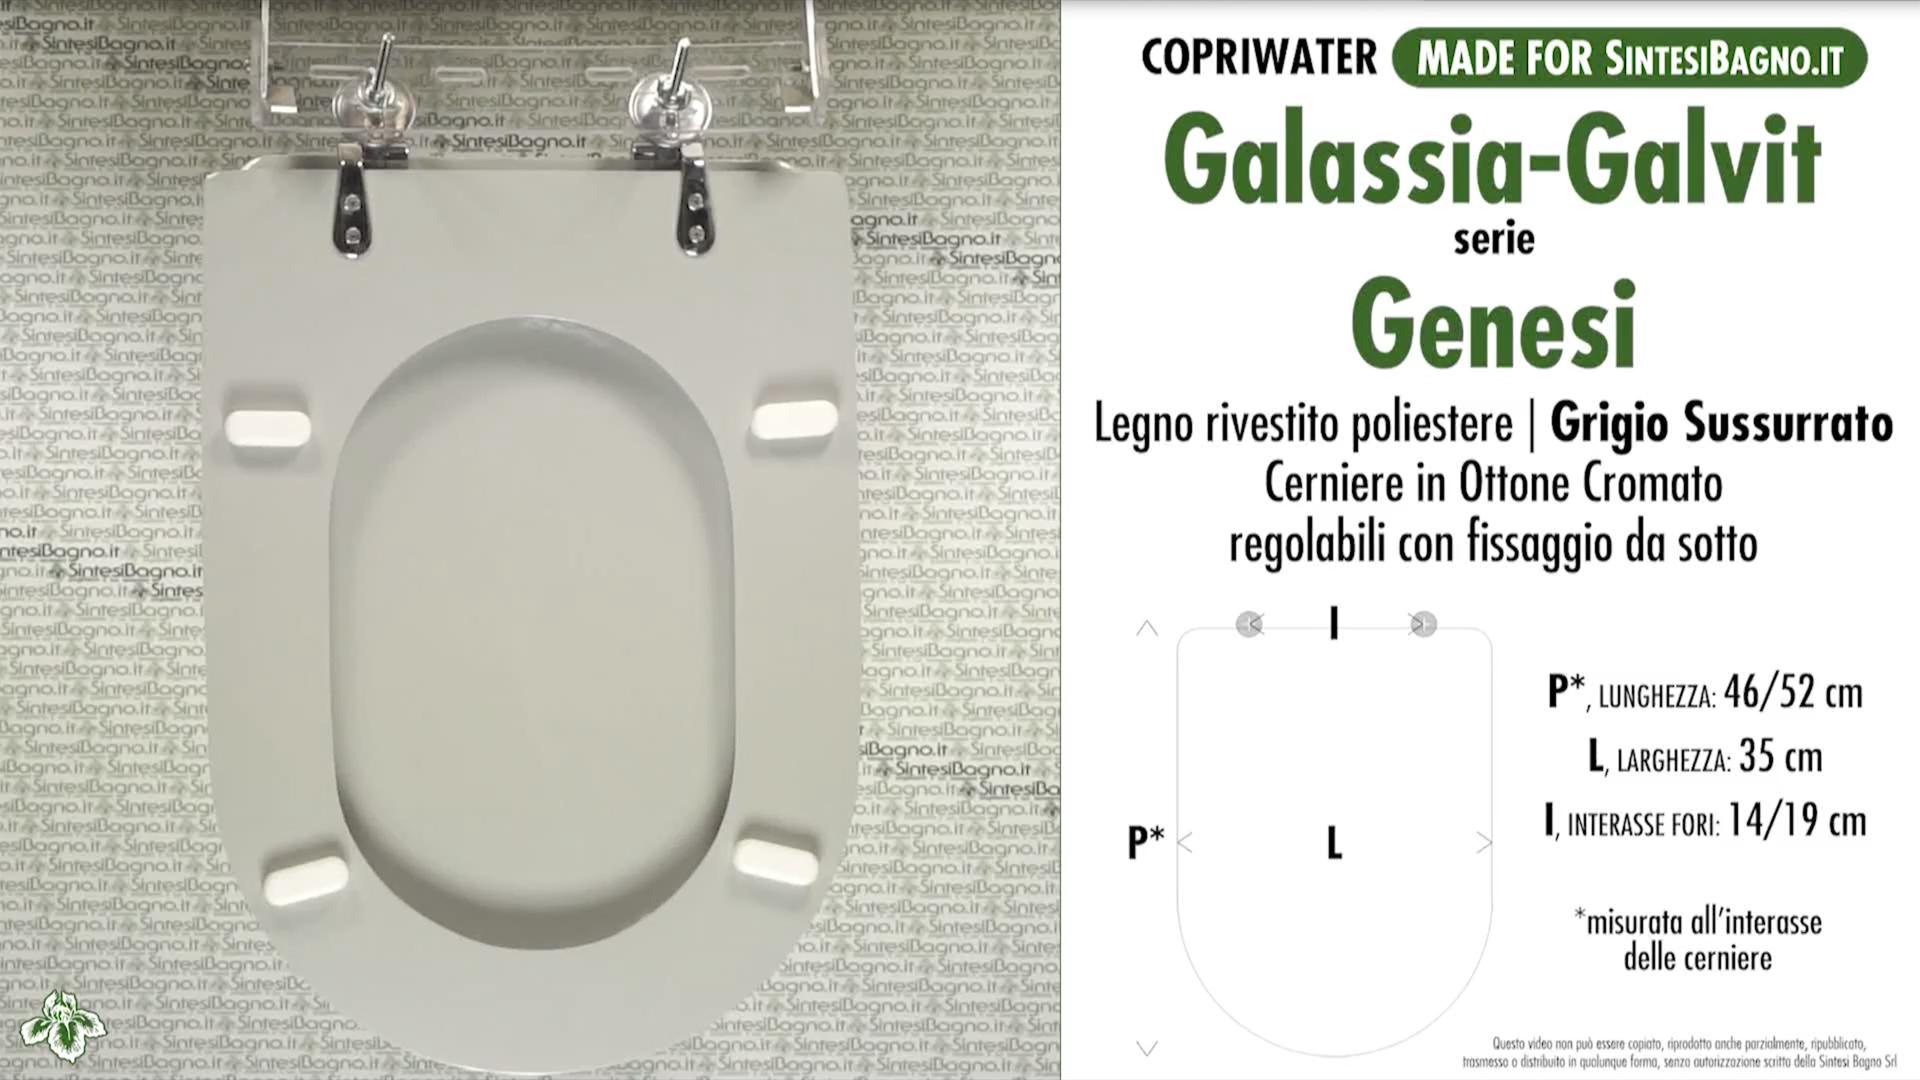 Schede tecniche Galassia-Galvit Genesi